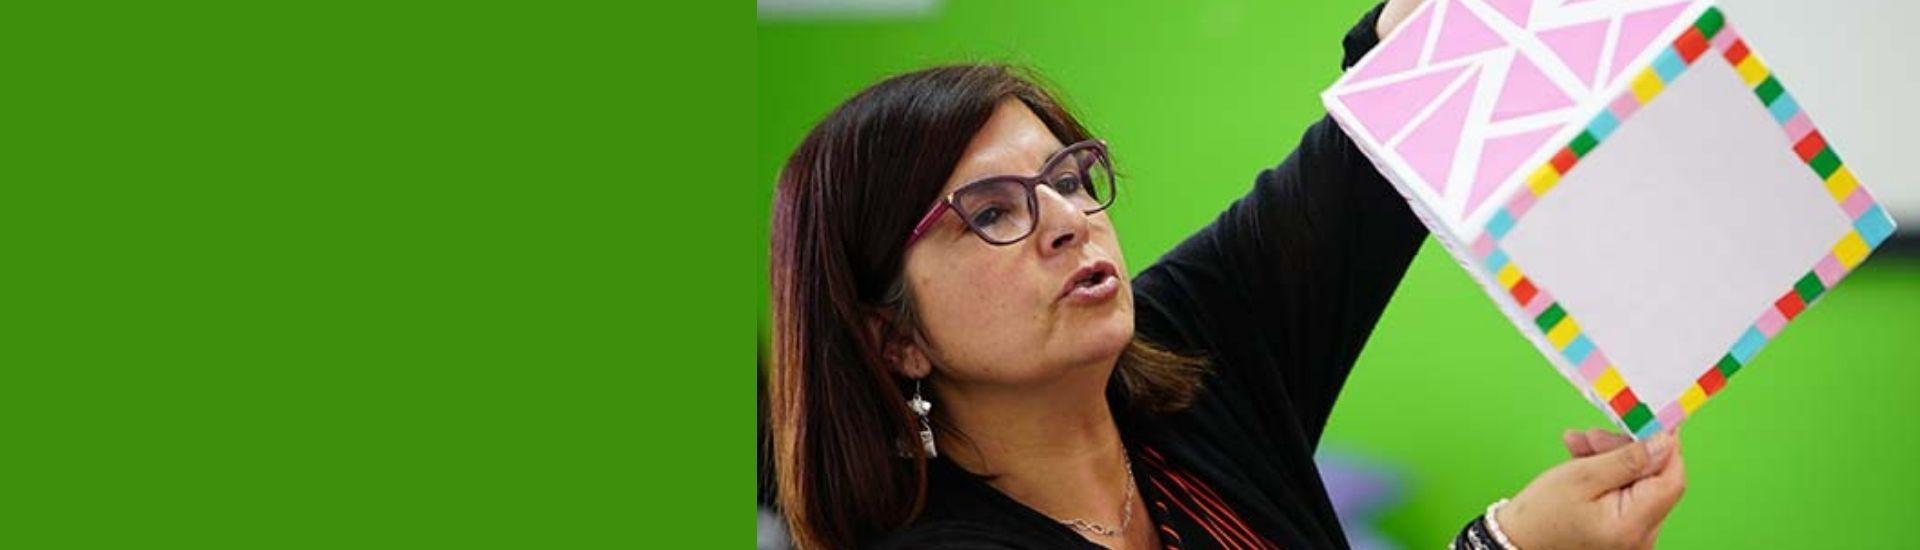 La docente finalista del GTO2020, Pamela Sánchez, dando una clase con un fondo de color verde.